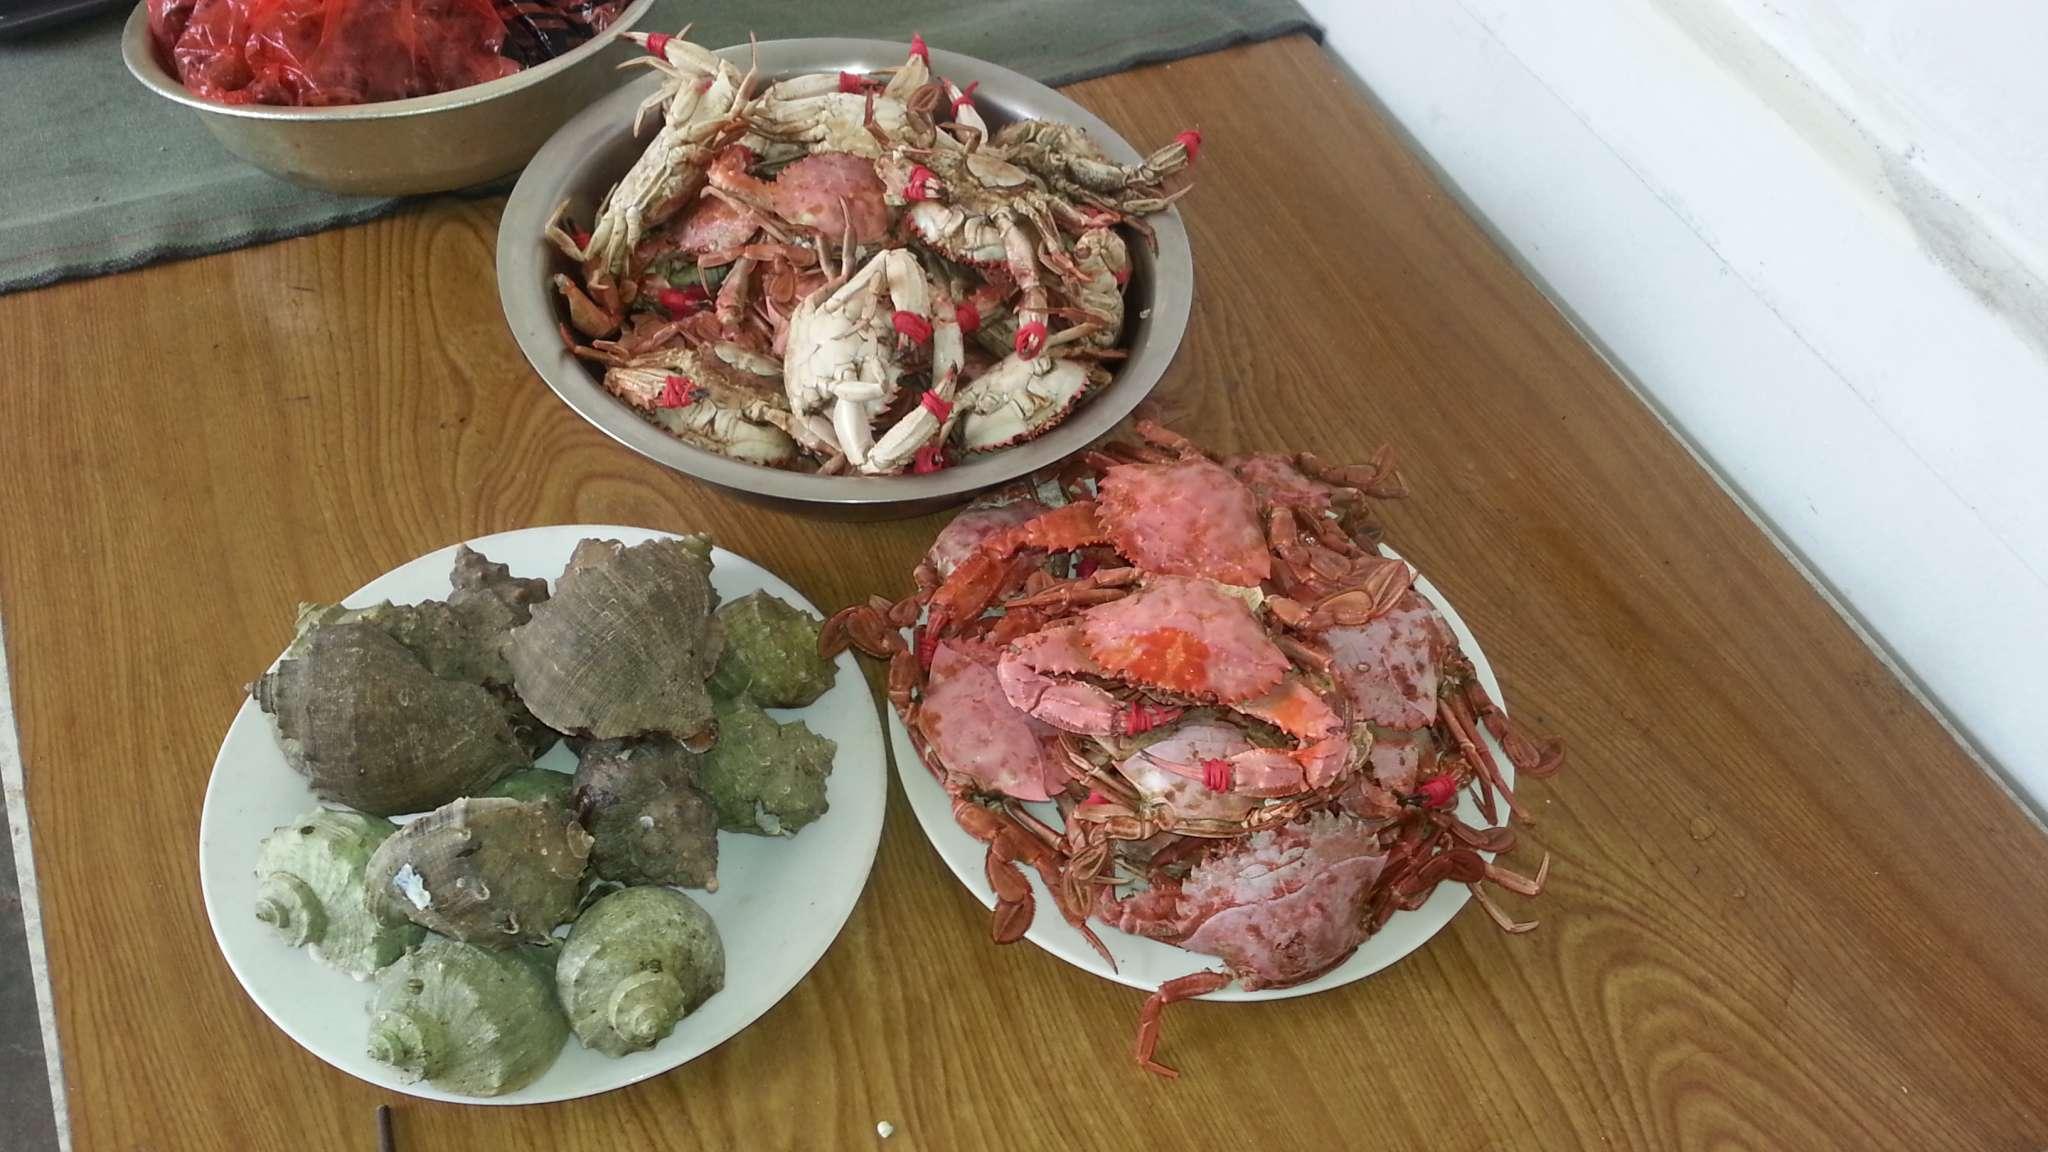 址:辽宁省大连市长海县塞里岛村 【振红渔家】 当前时间   海螺和螃蟹